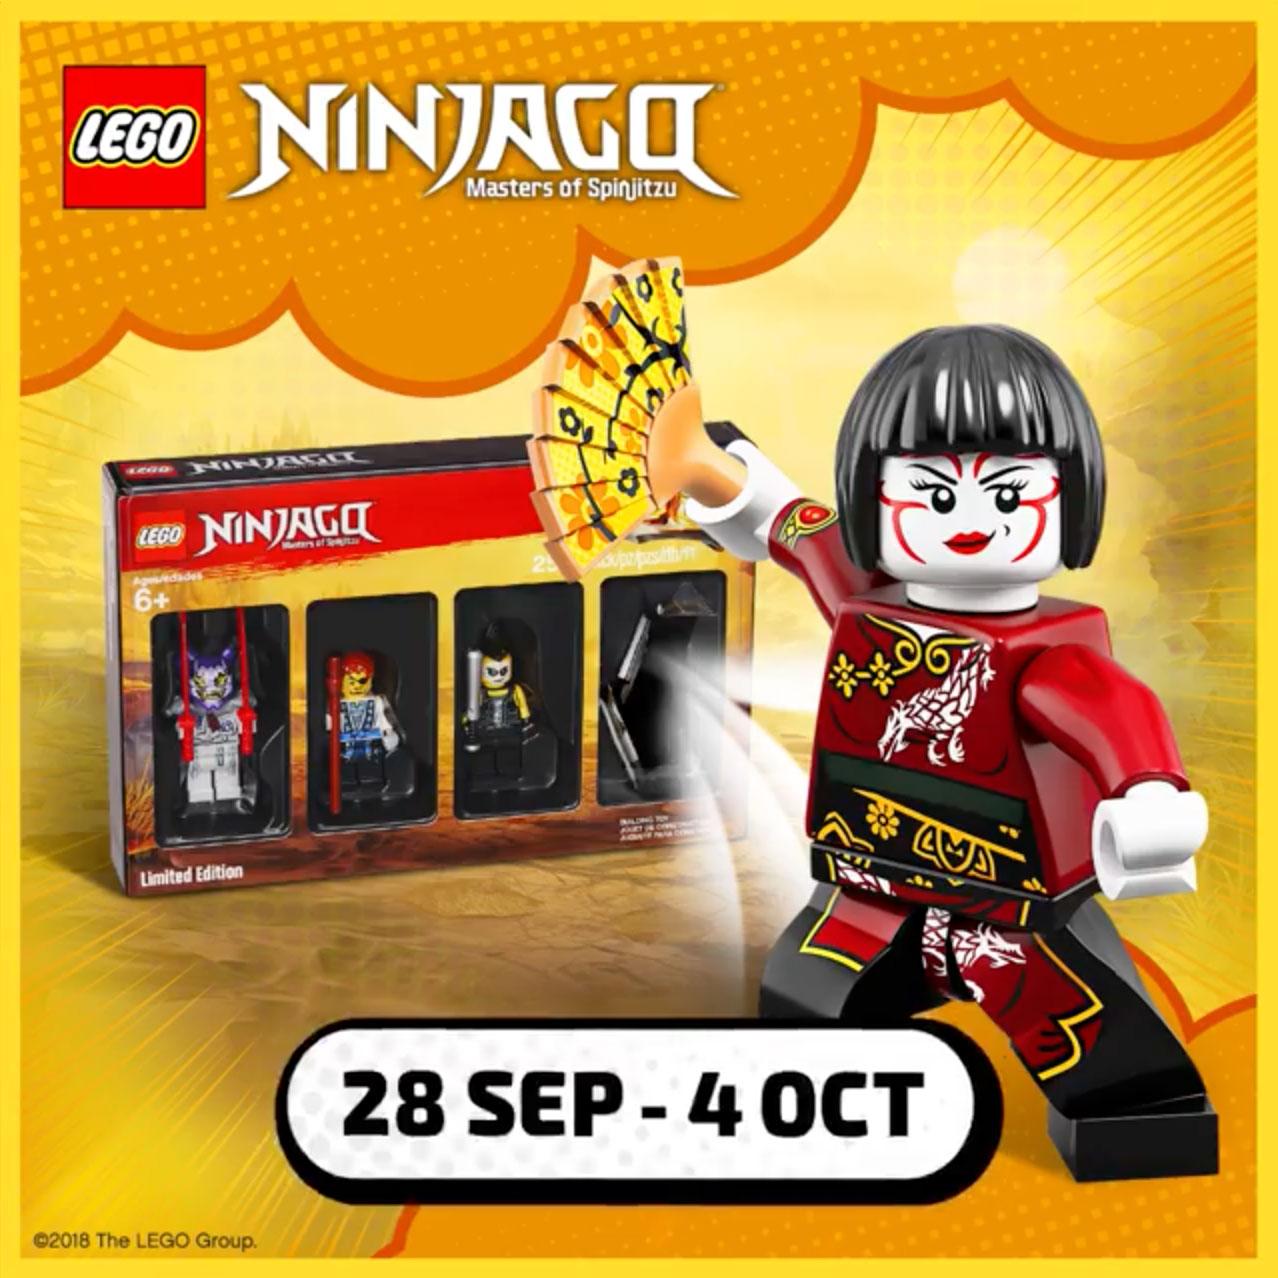 LEGO-bricktober-2018-ninjago